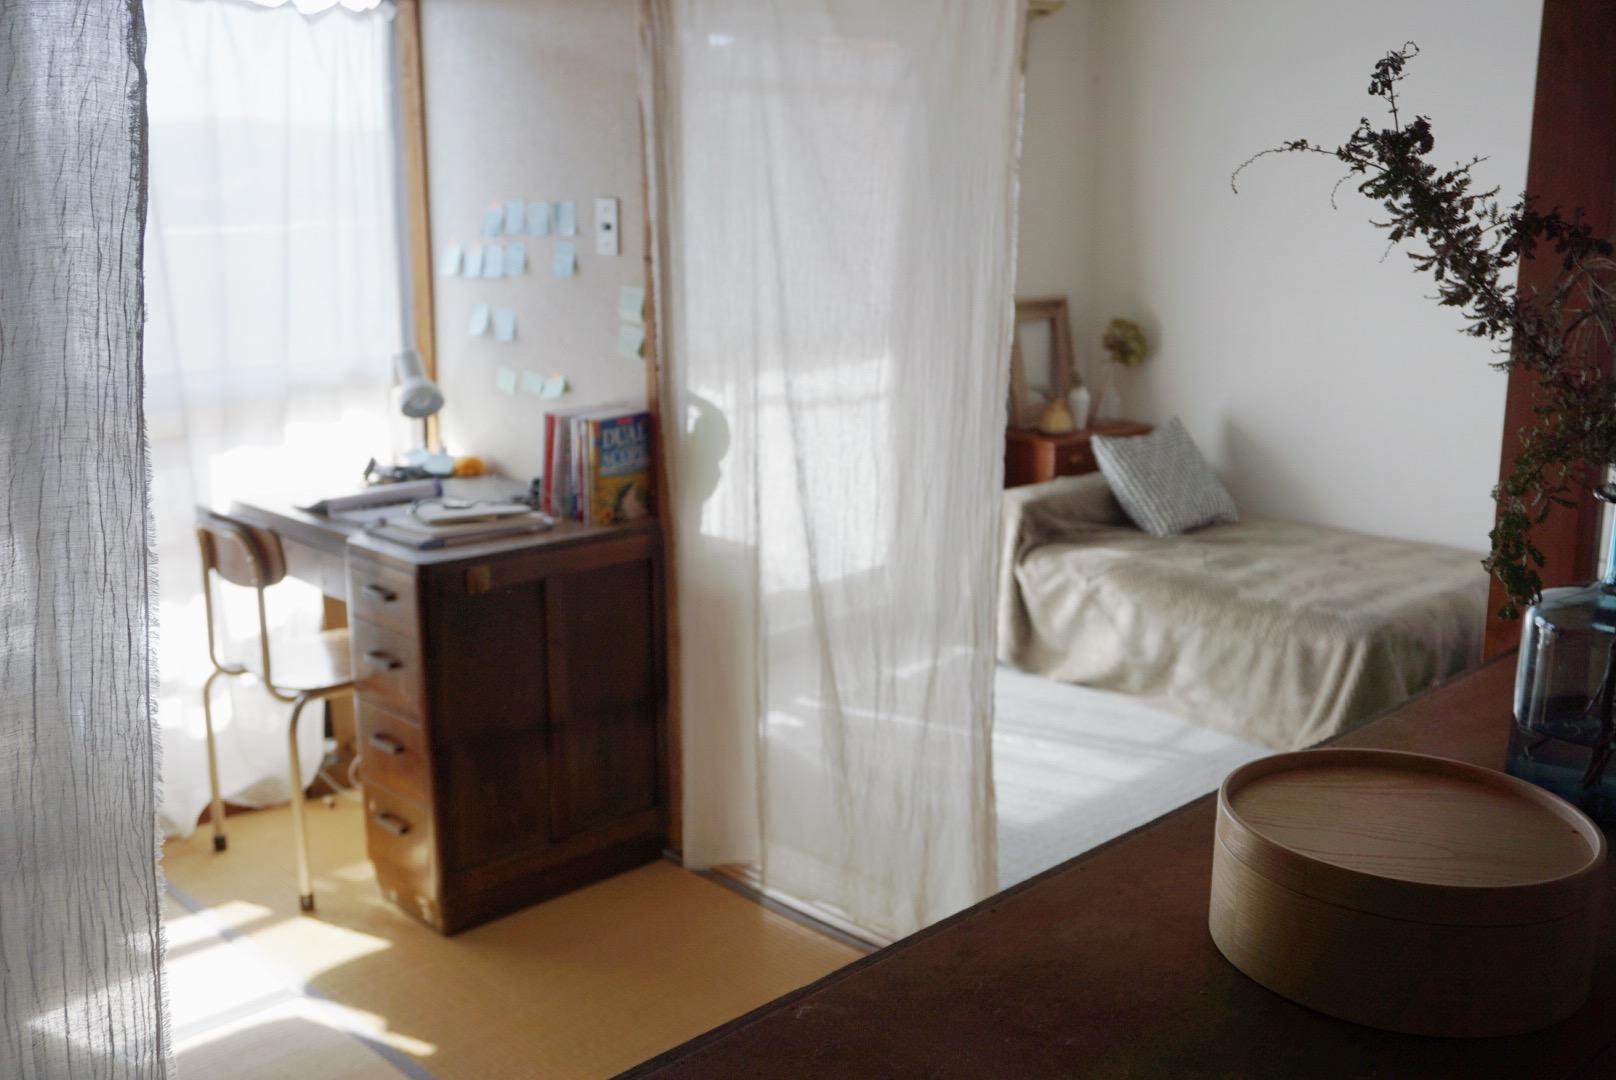 ワンルームの部屋だと、どうしてもベッドやキッチン周りなどと共存することになります。生活感を出したくない、などあれば布を下げてゆるやかに仕切ることがおすすめ。リネンなどの透け感のある素材は、光もよく入り、明るい印象が保てます。